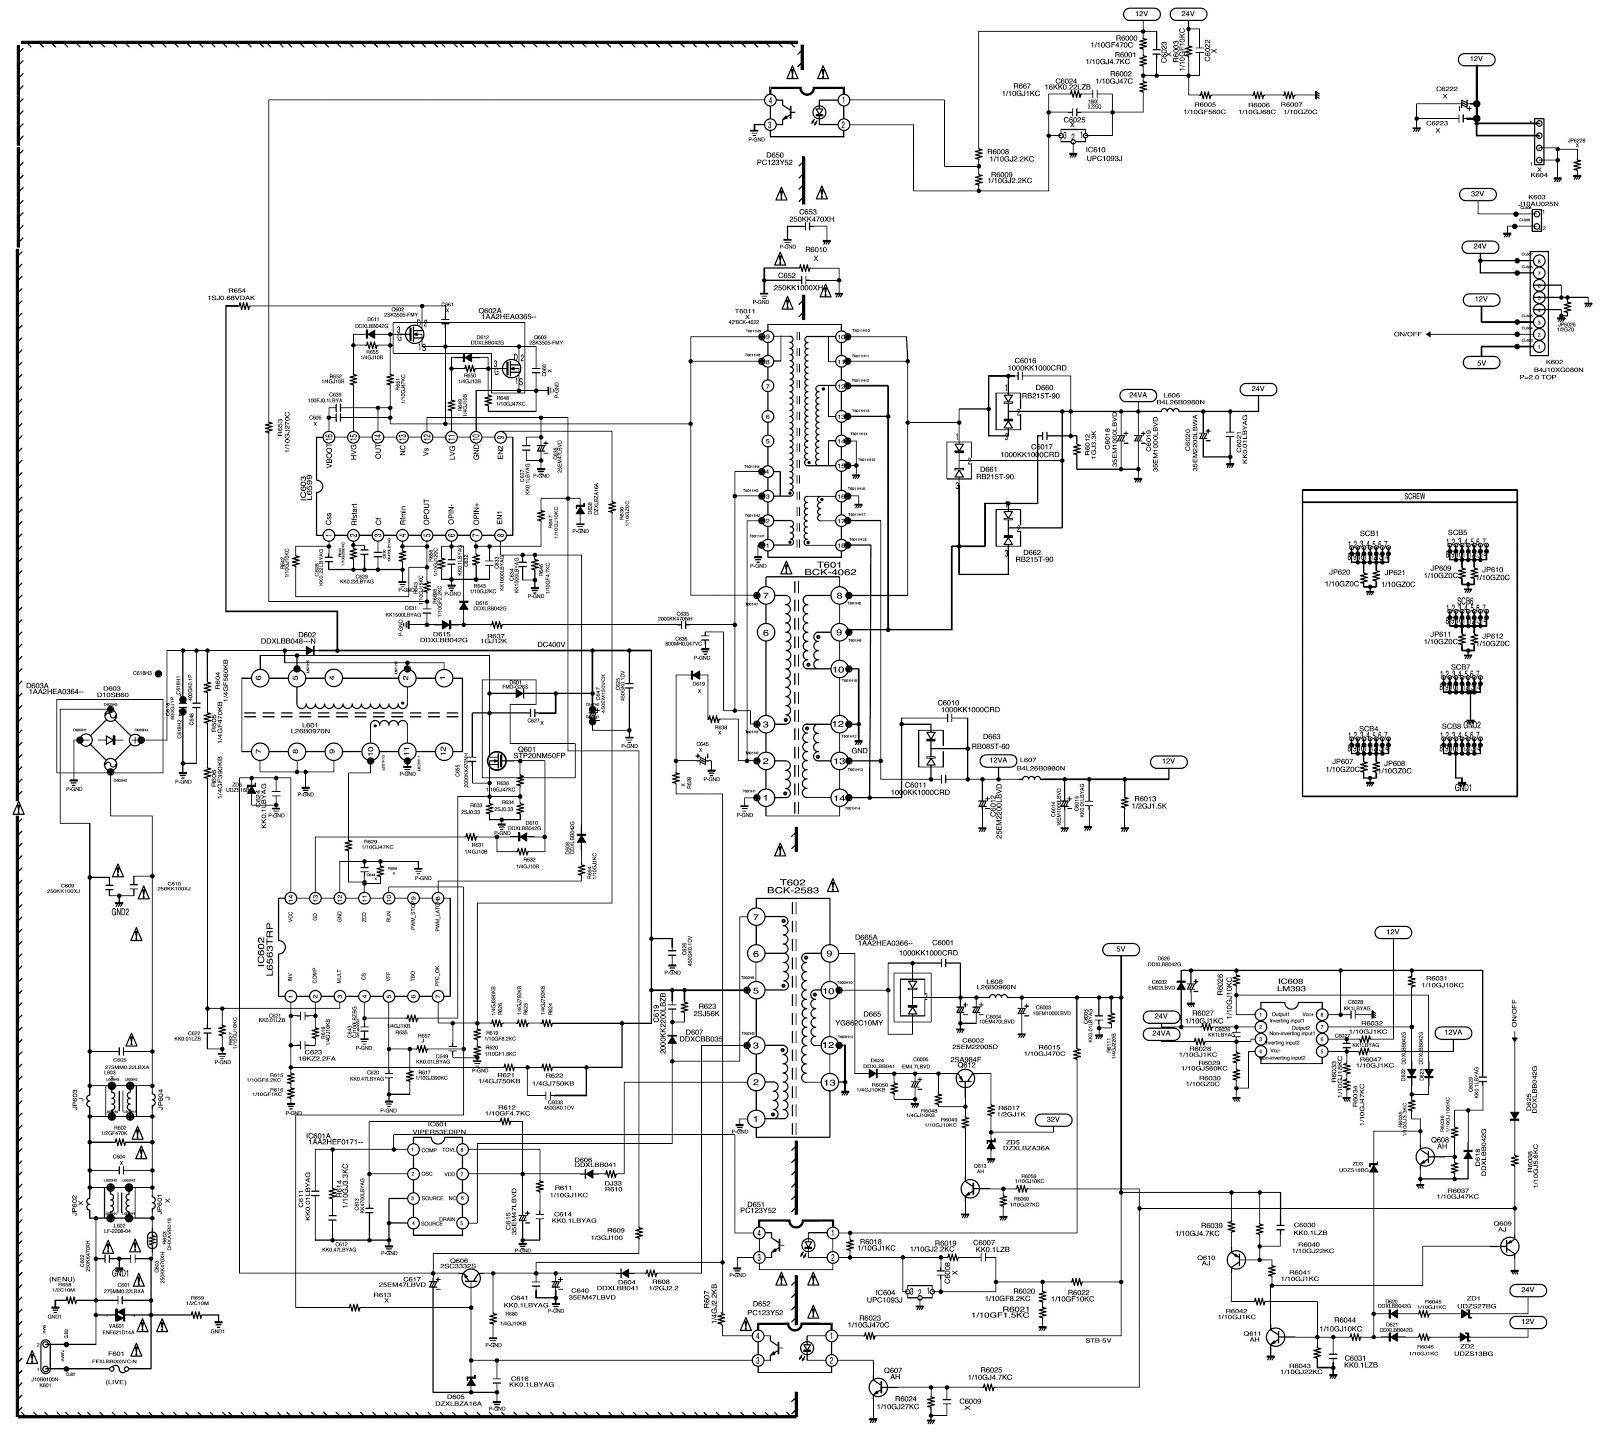 sound bar hook up diagram